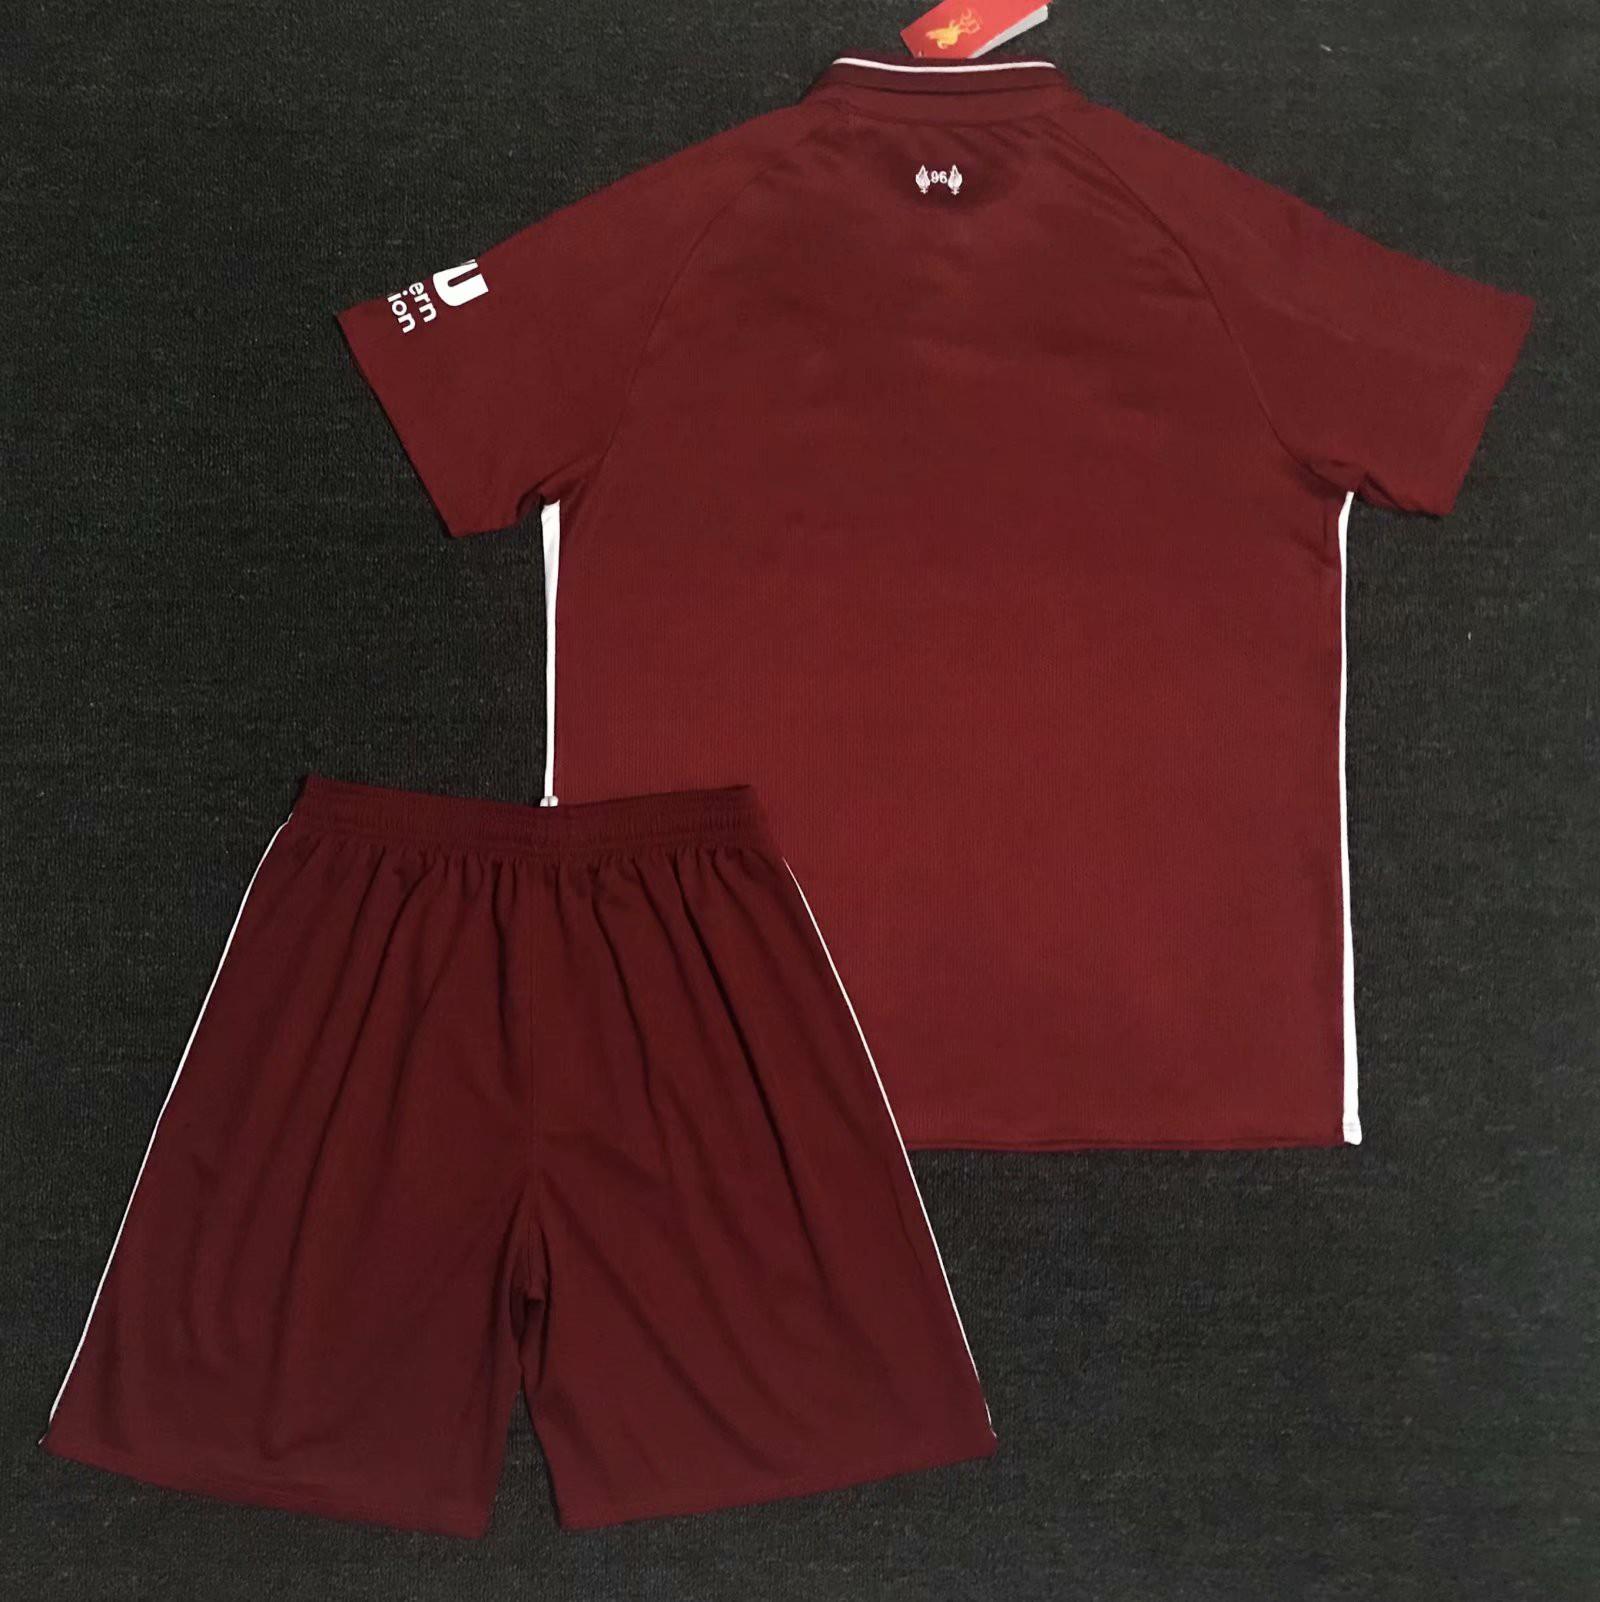 outlet store cc553 e760c Thailand Dream League Soccer Kit,Thailand T Shirt Wholesale Market,S-4XL  Fans 18/19 Liverpool Home Thailand Quality